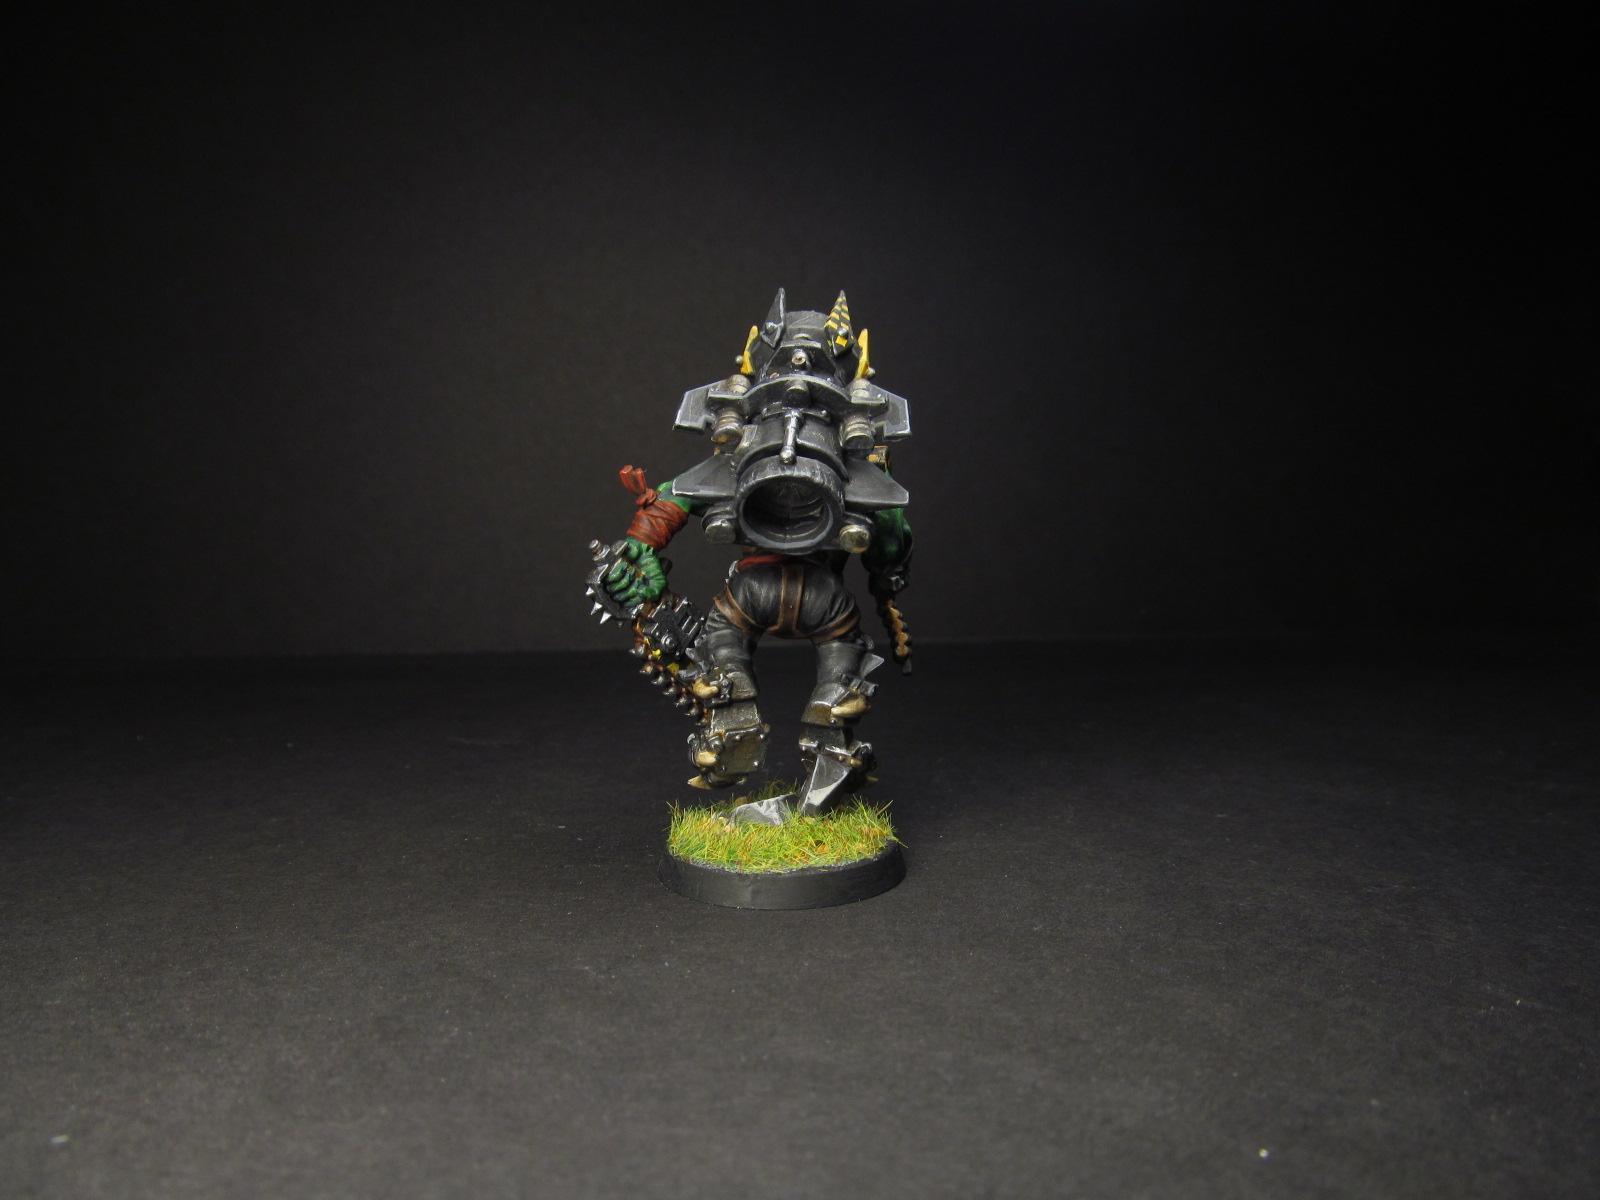 Ork Boyz, Orks, Warhammer 40,000, Warhammer Fantasy